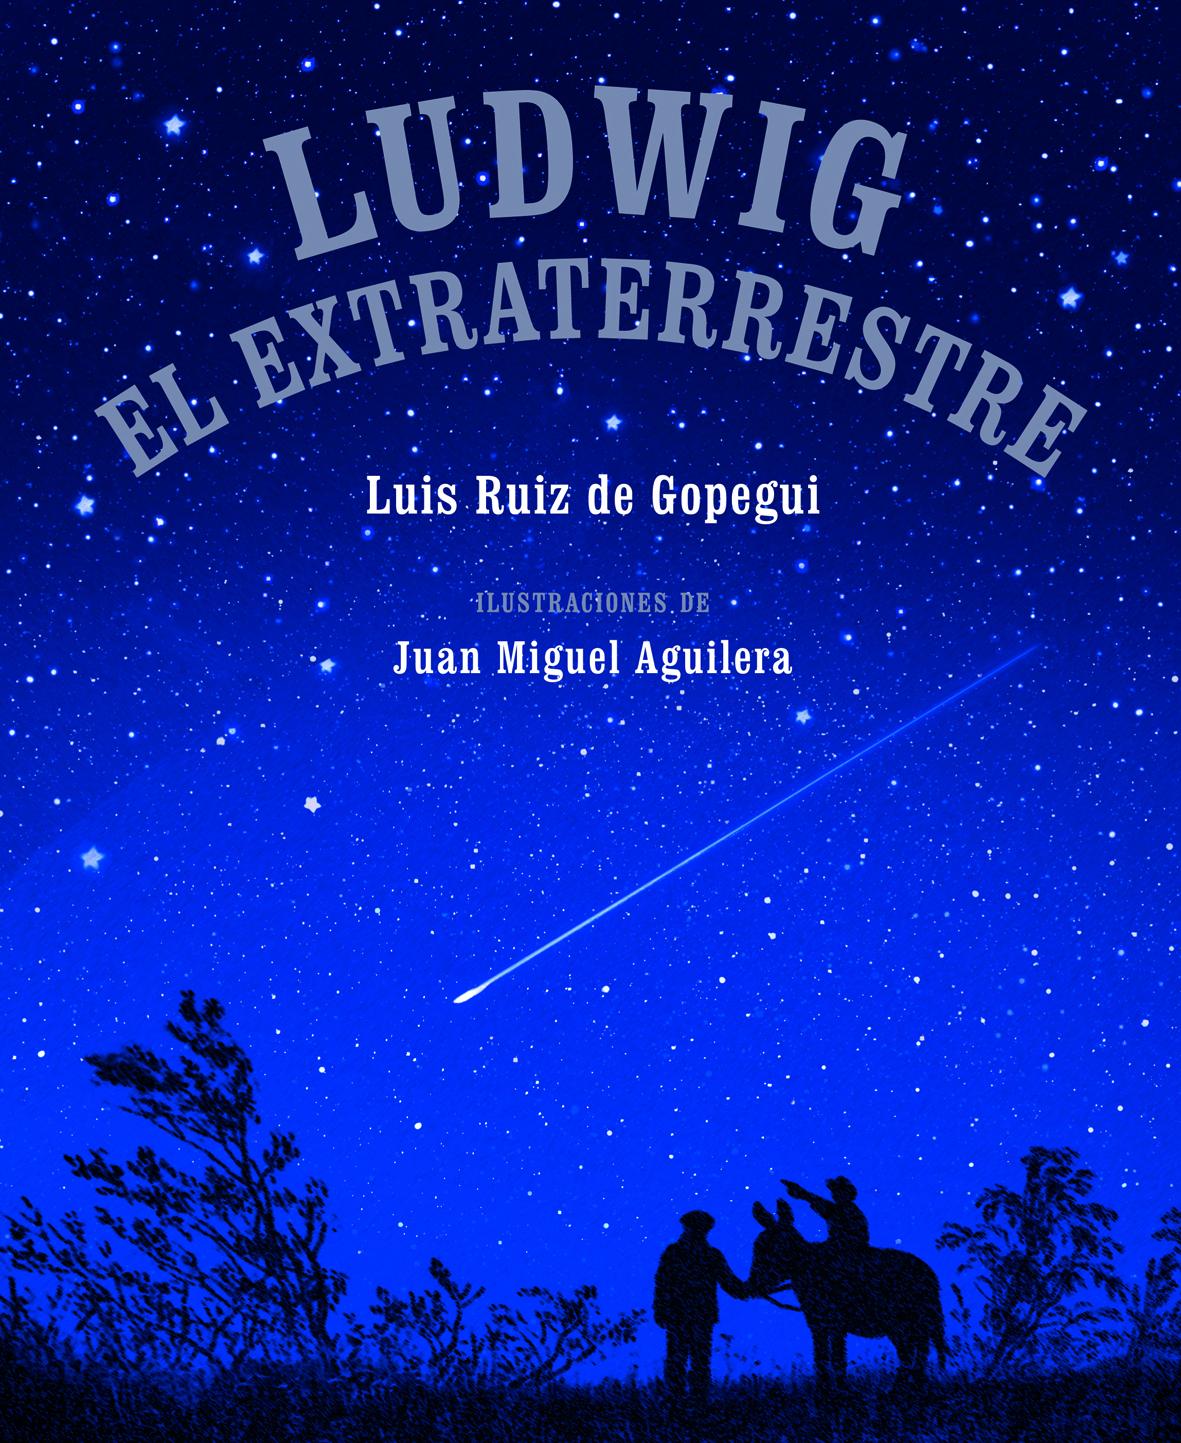 Ludwig, el extraterrestre - Día Internacional del Libro Infantil y Juvenil